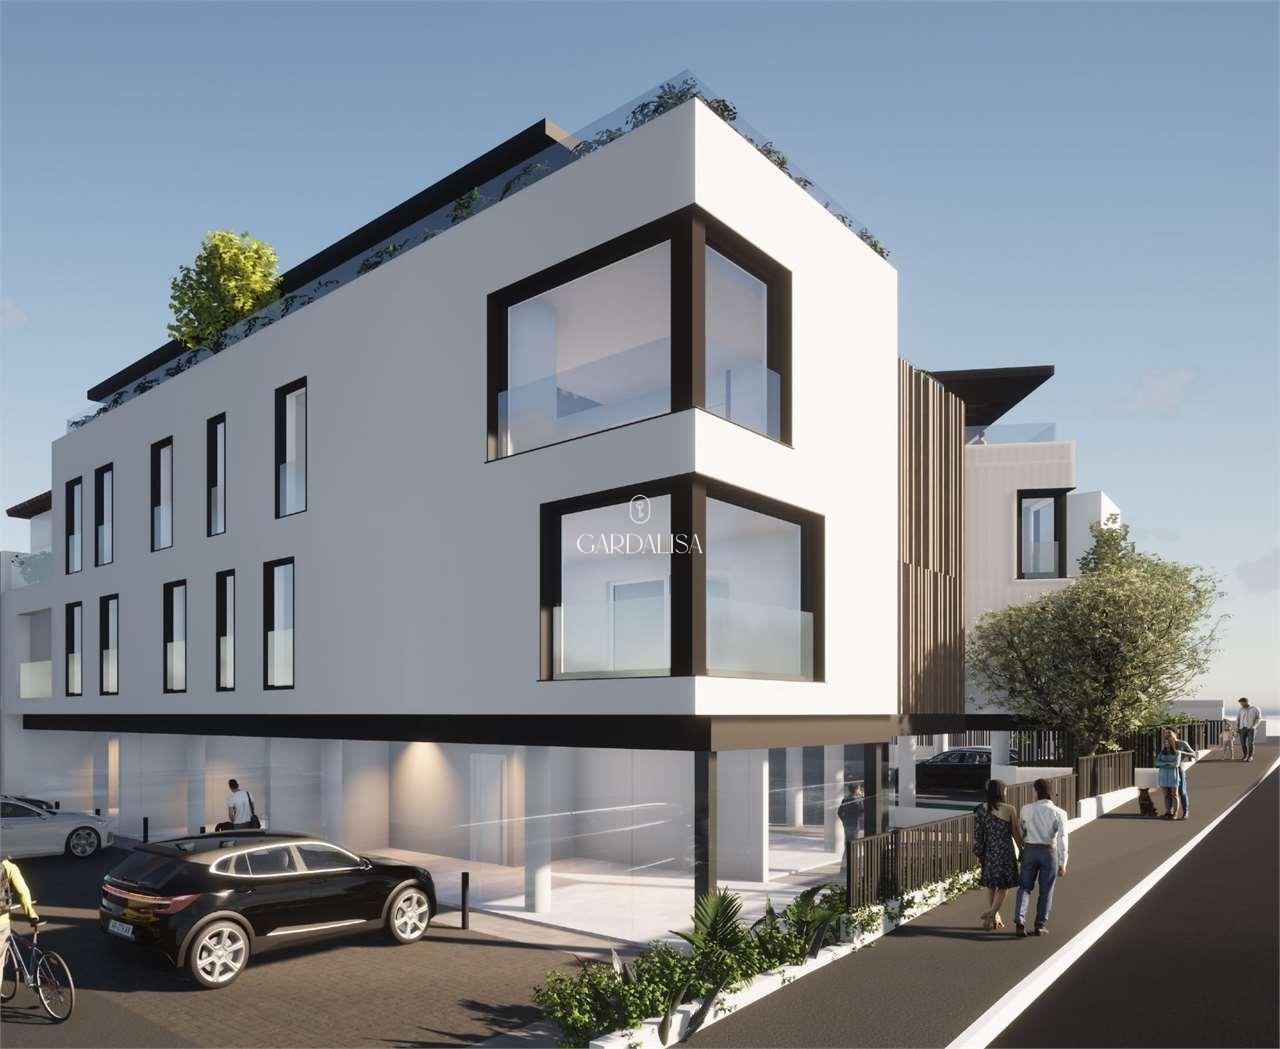 Peschiera del Garda: trilocale nuova costruzione